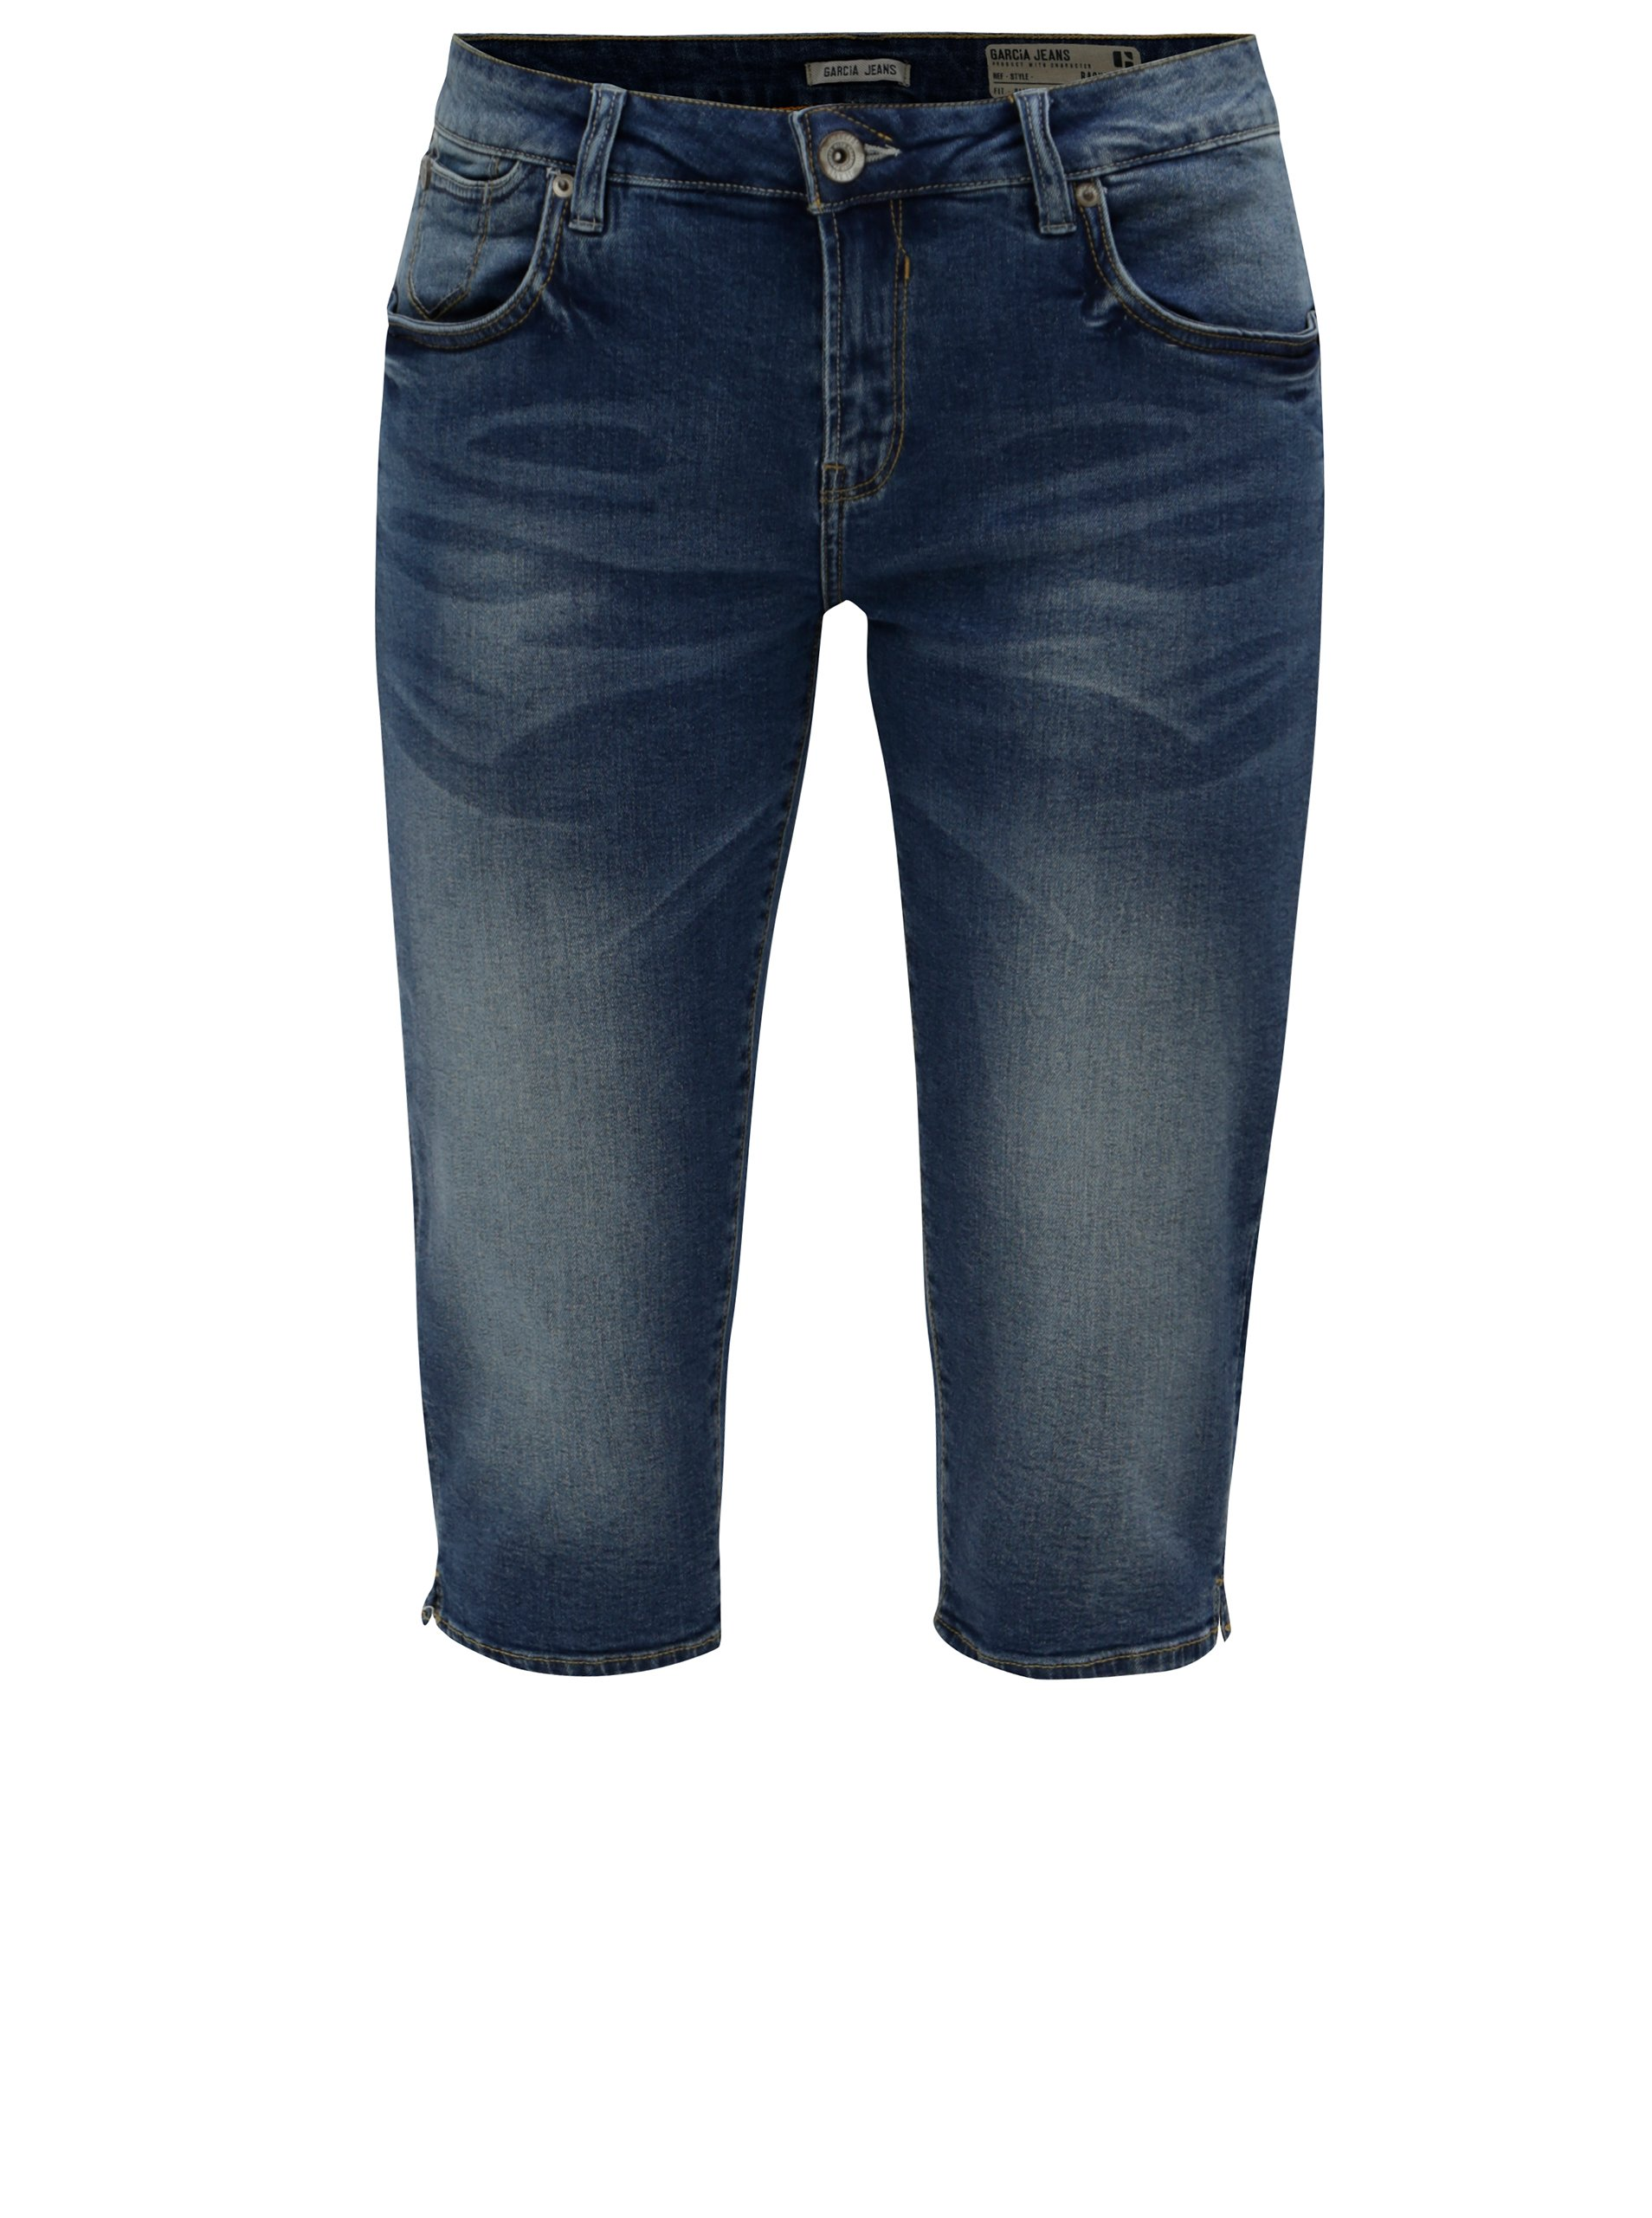 Modré dámske slim fit kraťasy s vyšúchaným efektom a nízkym pásom Garcia Jeans Rachelle